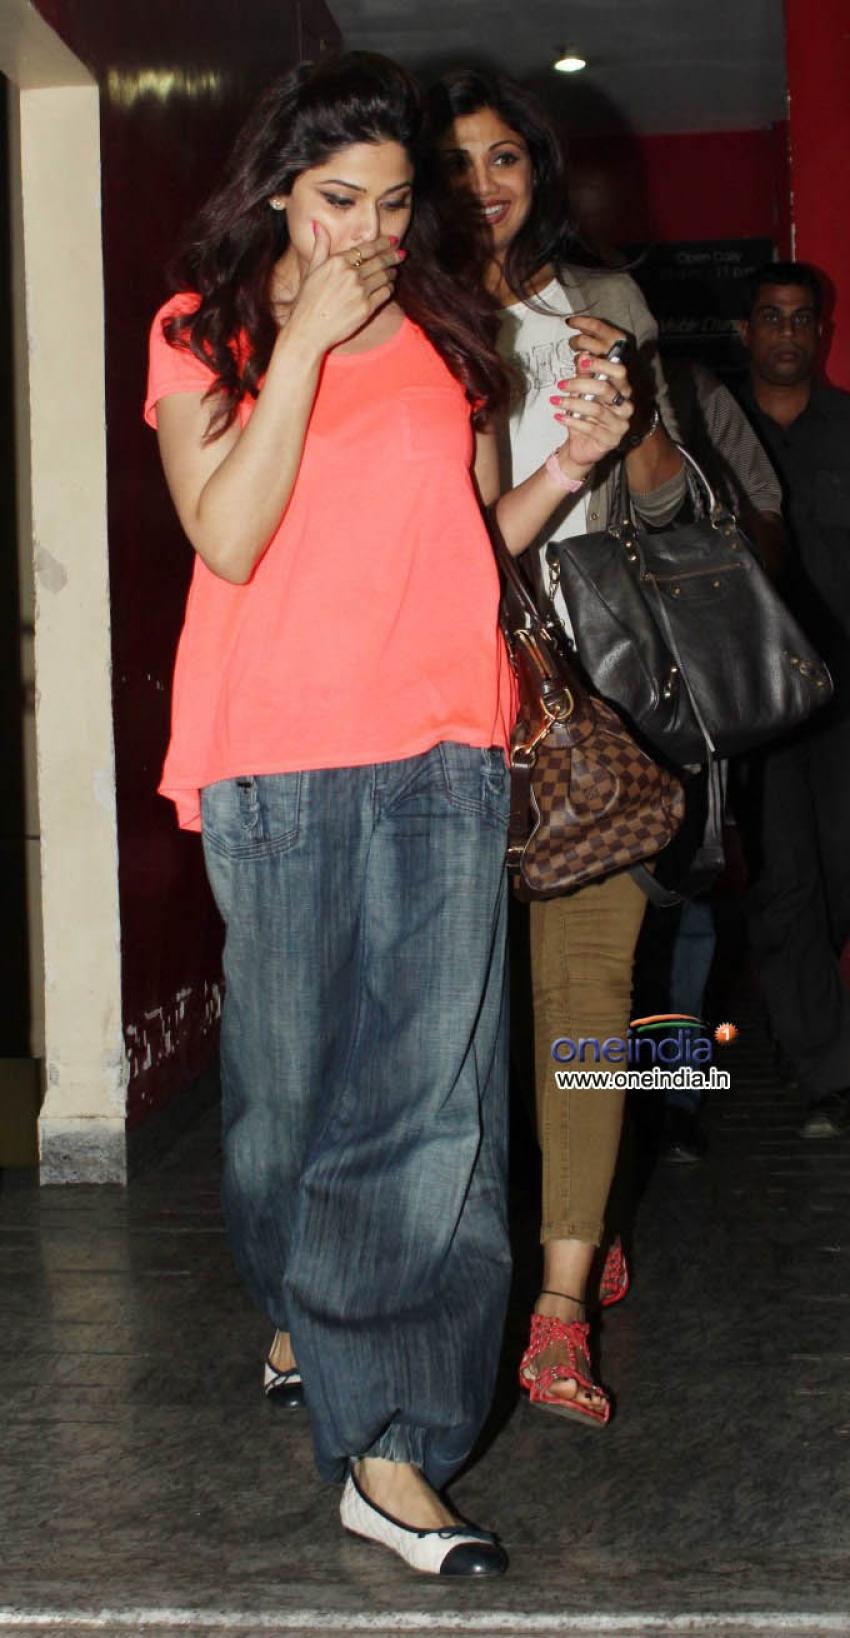 Shilpa Shetty and Shamita Shetty Spotted at PVR Cinemas Photos